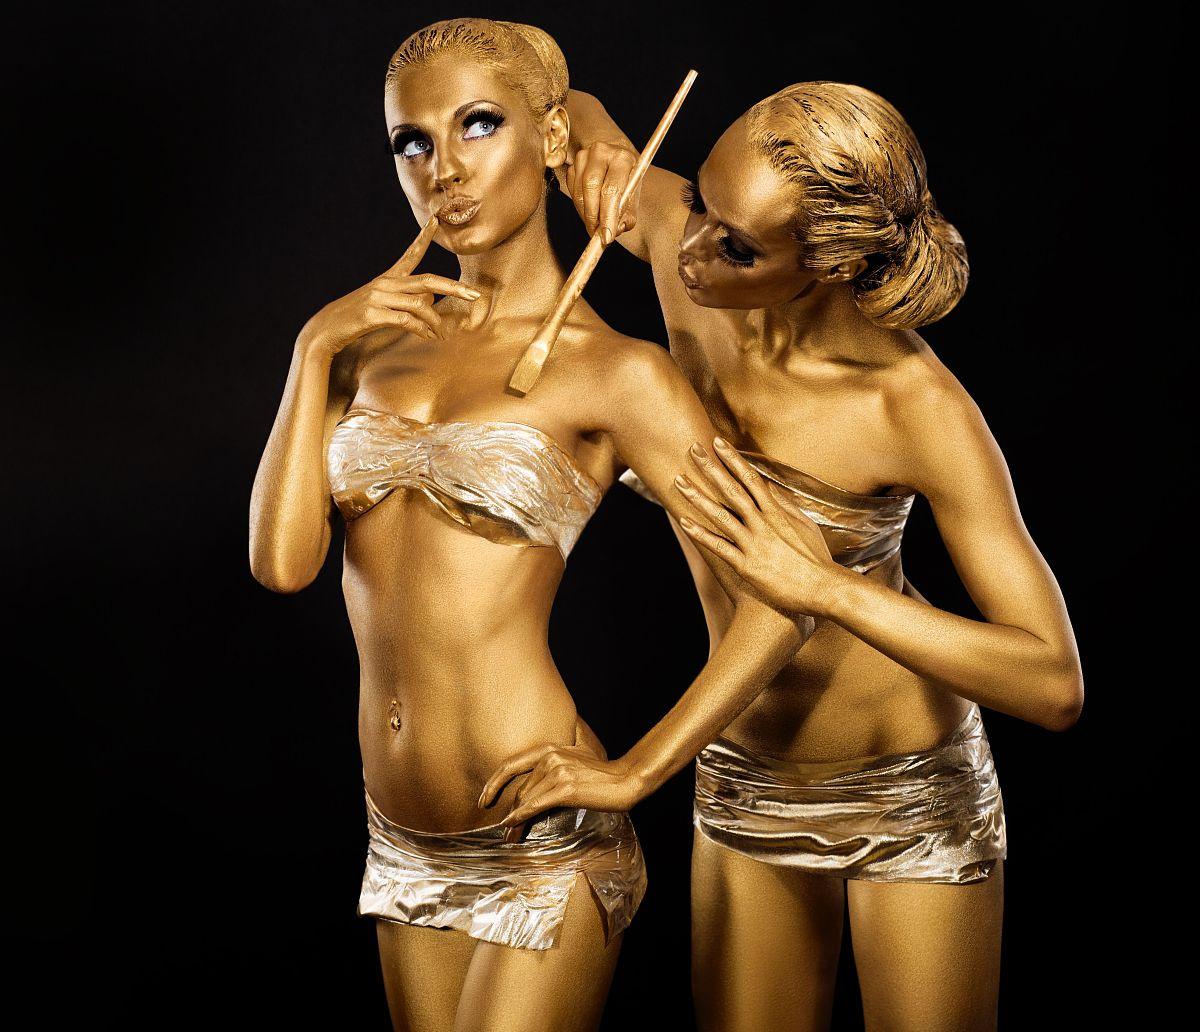 日本人体裸体阴�_人体艺术.女子彩绘身体用金色画笔.金弥补